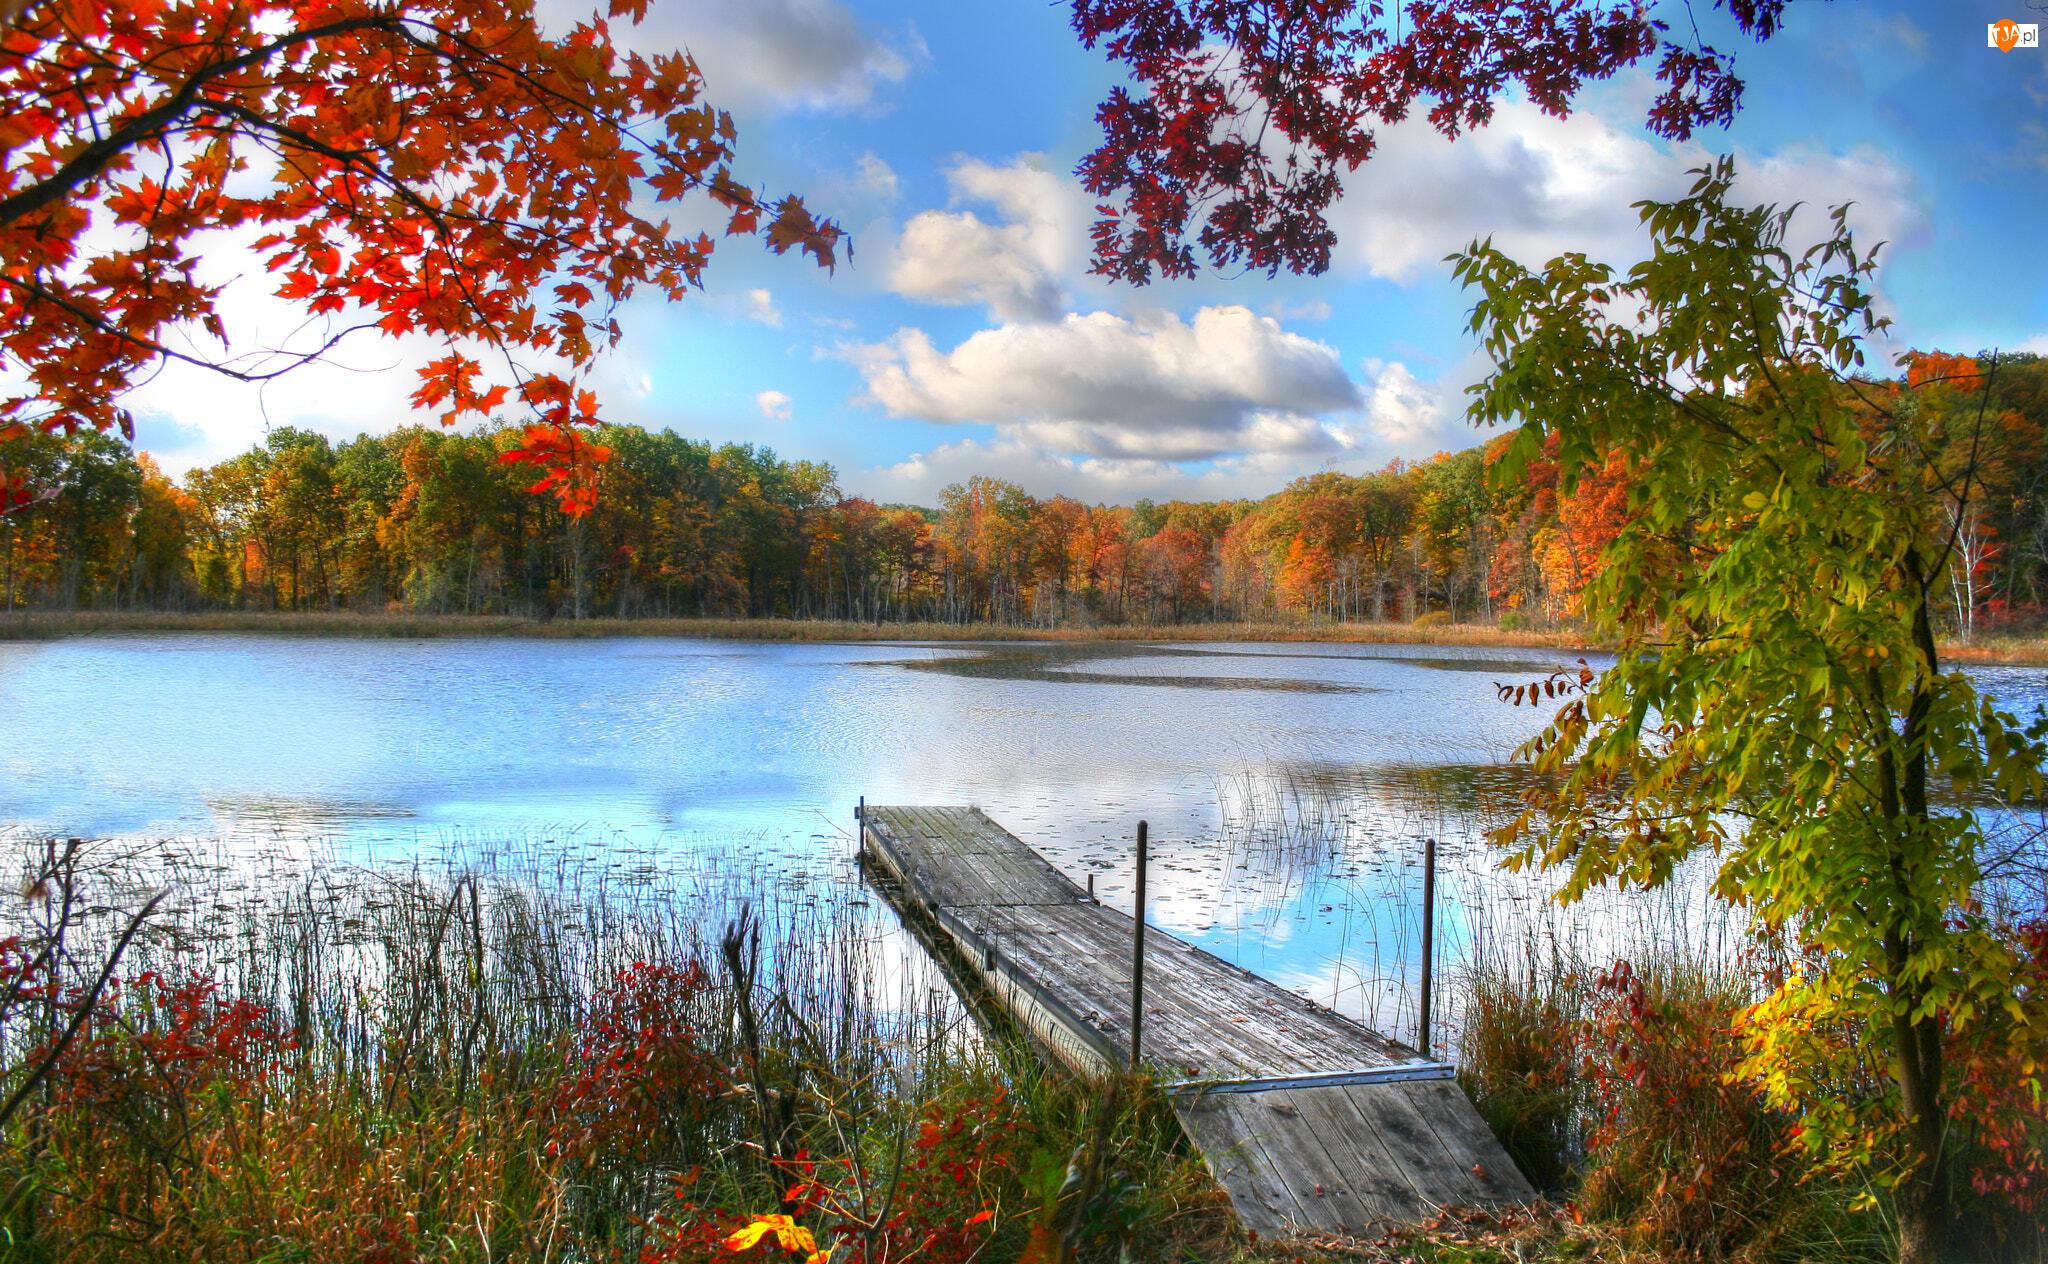 Jesień, Roślinność, Pomost, Jezioro, Drzewa